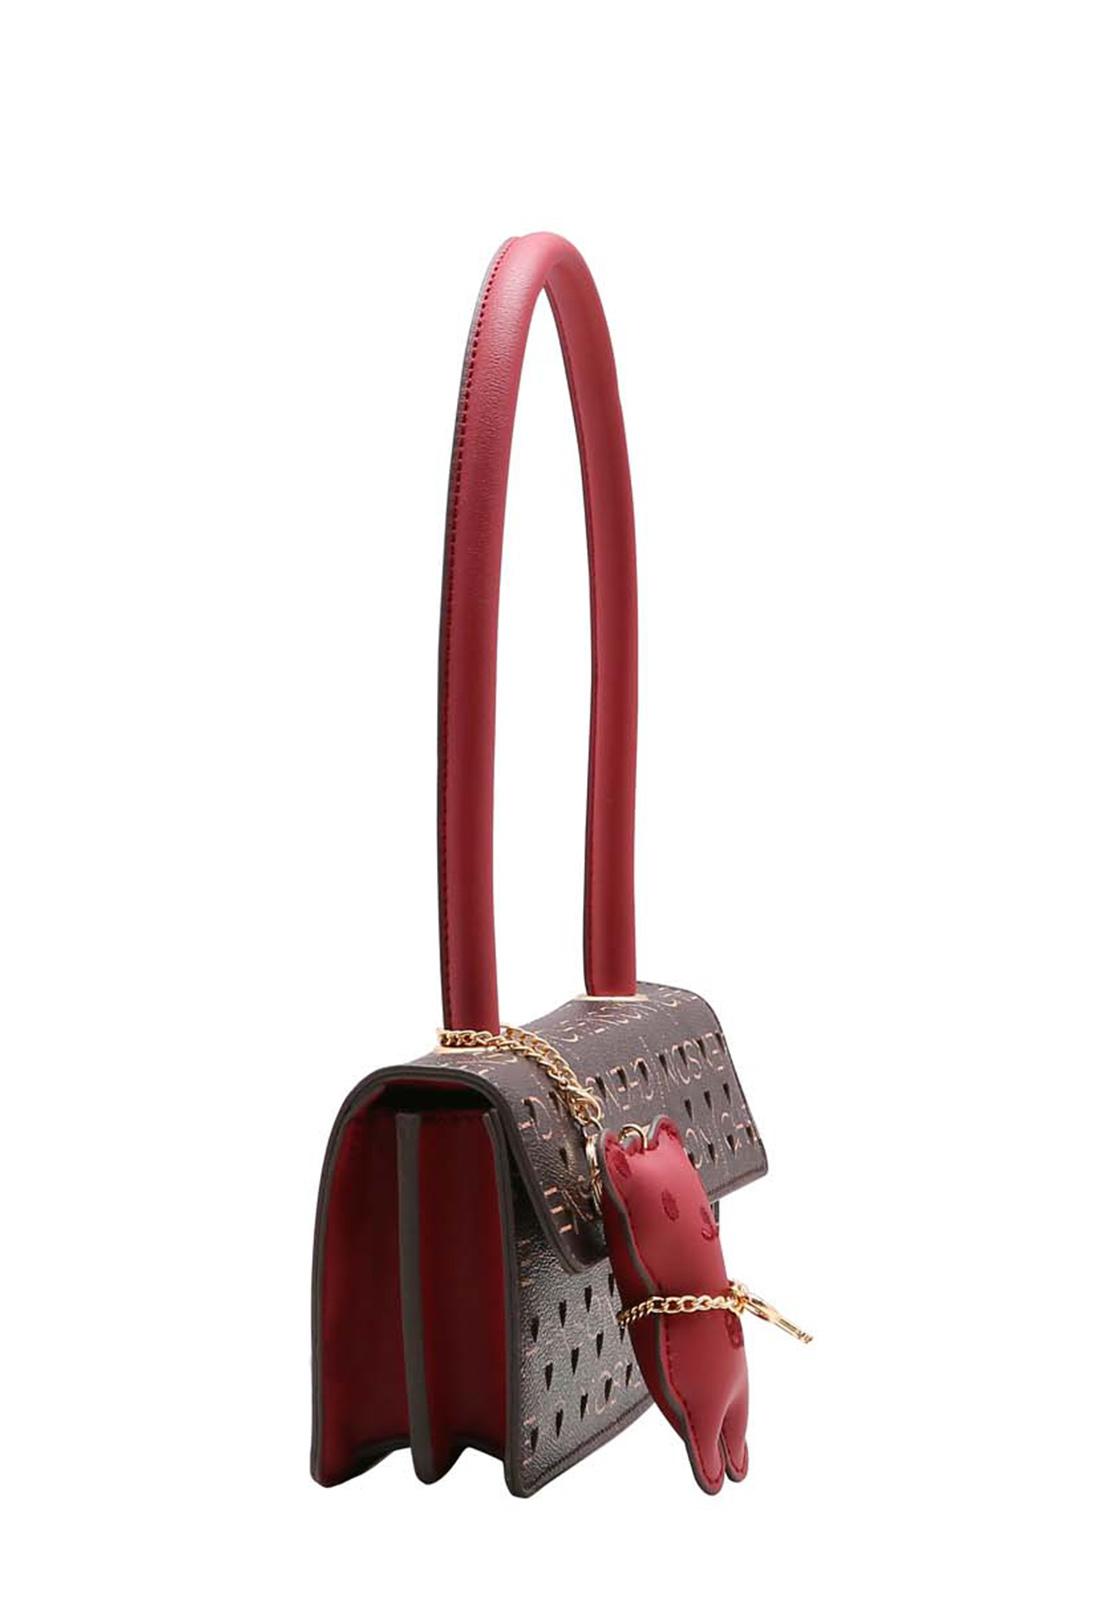 Bolsa Feminina de Mão e Ombro Glamour Manograma Cristal Chenson Marrom